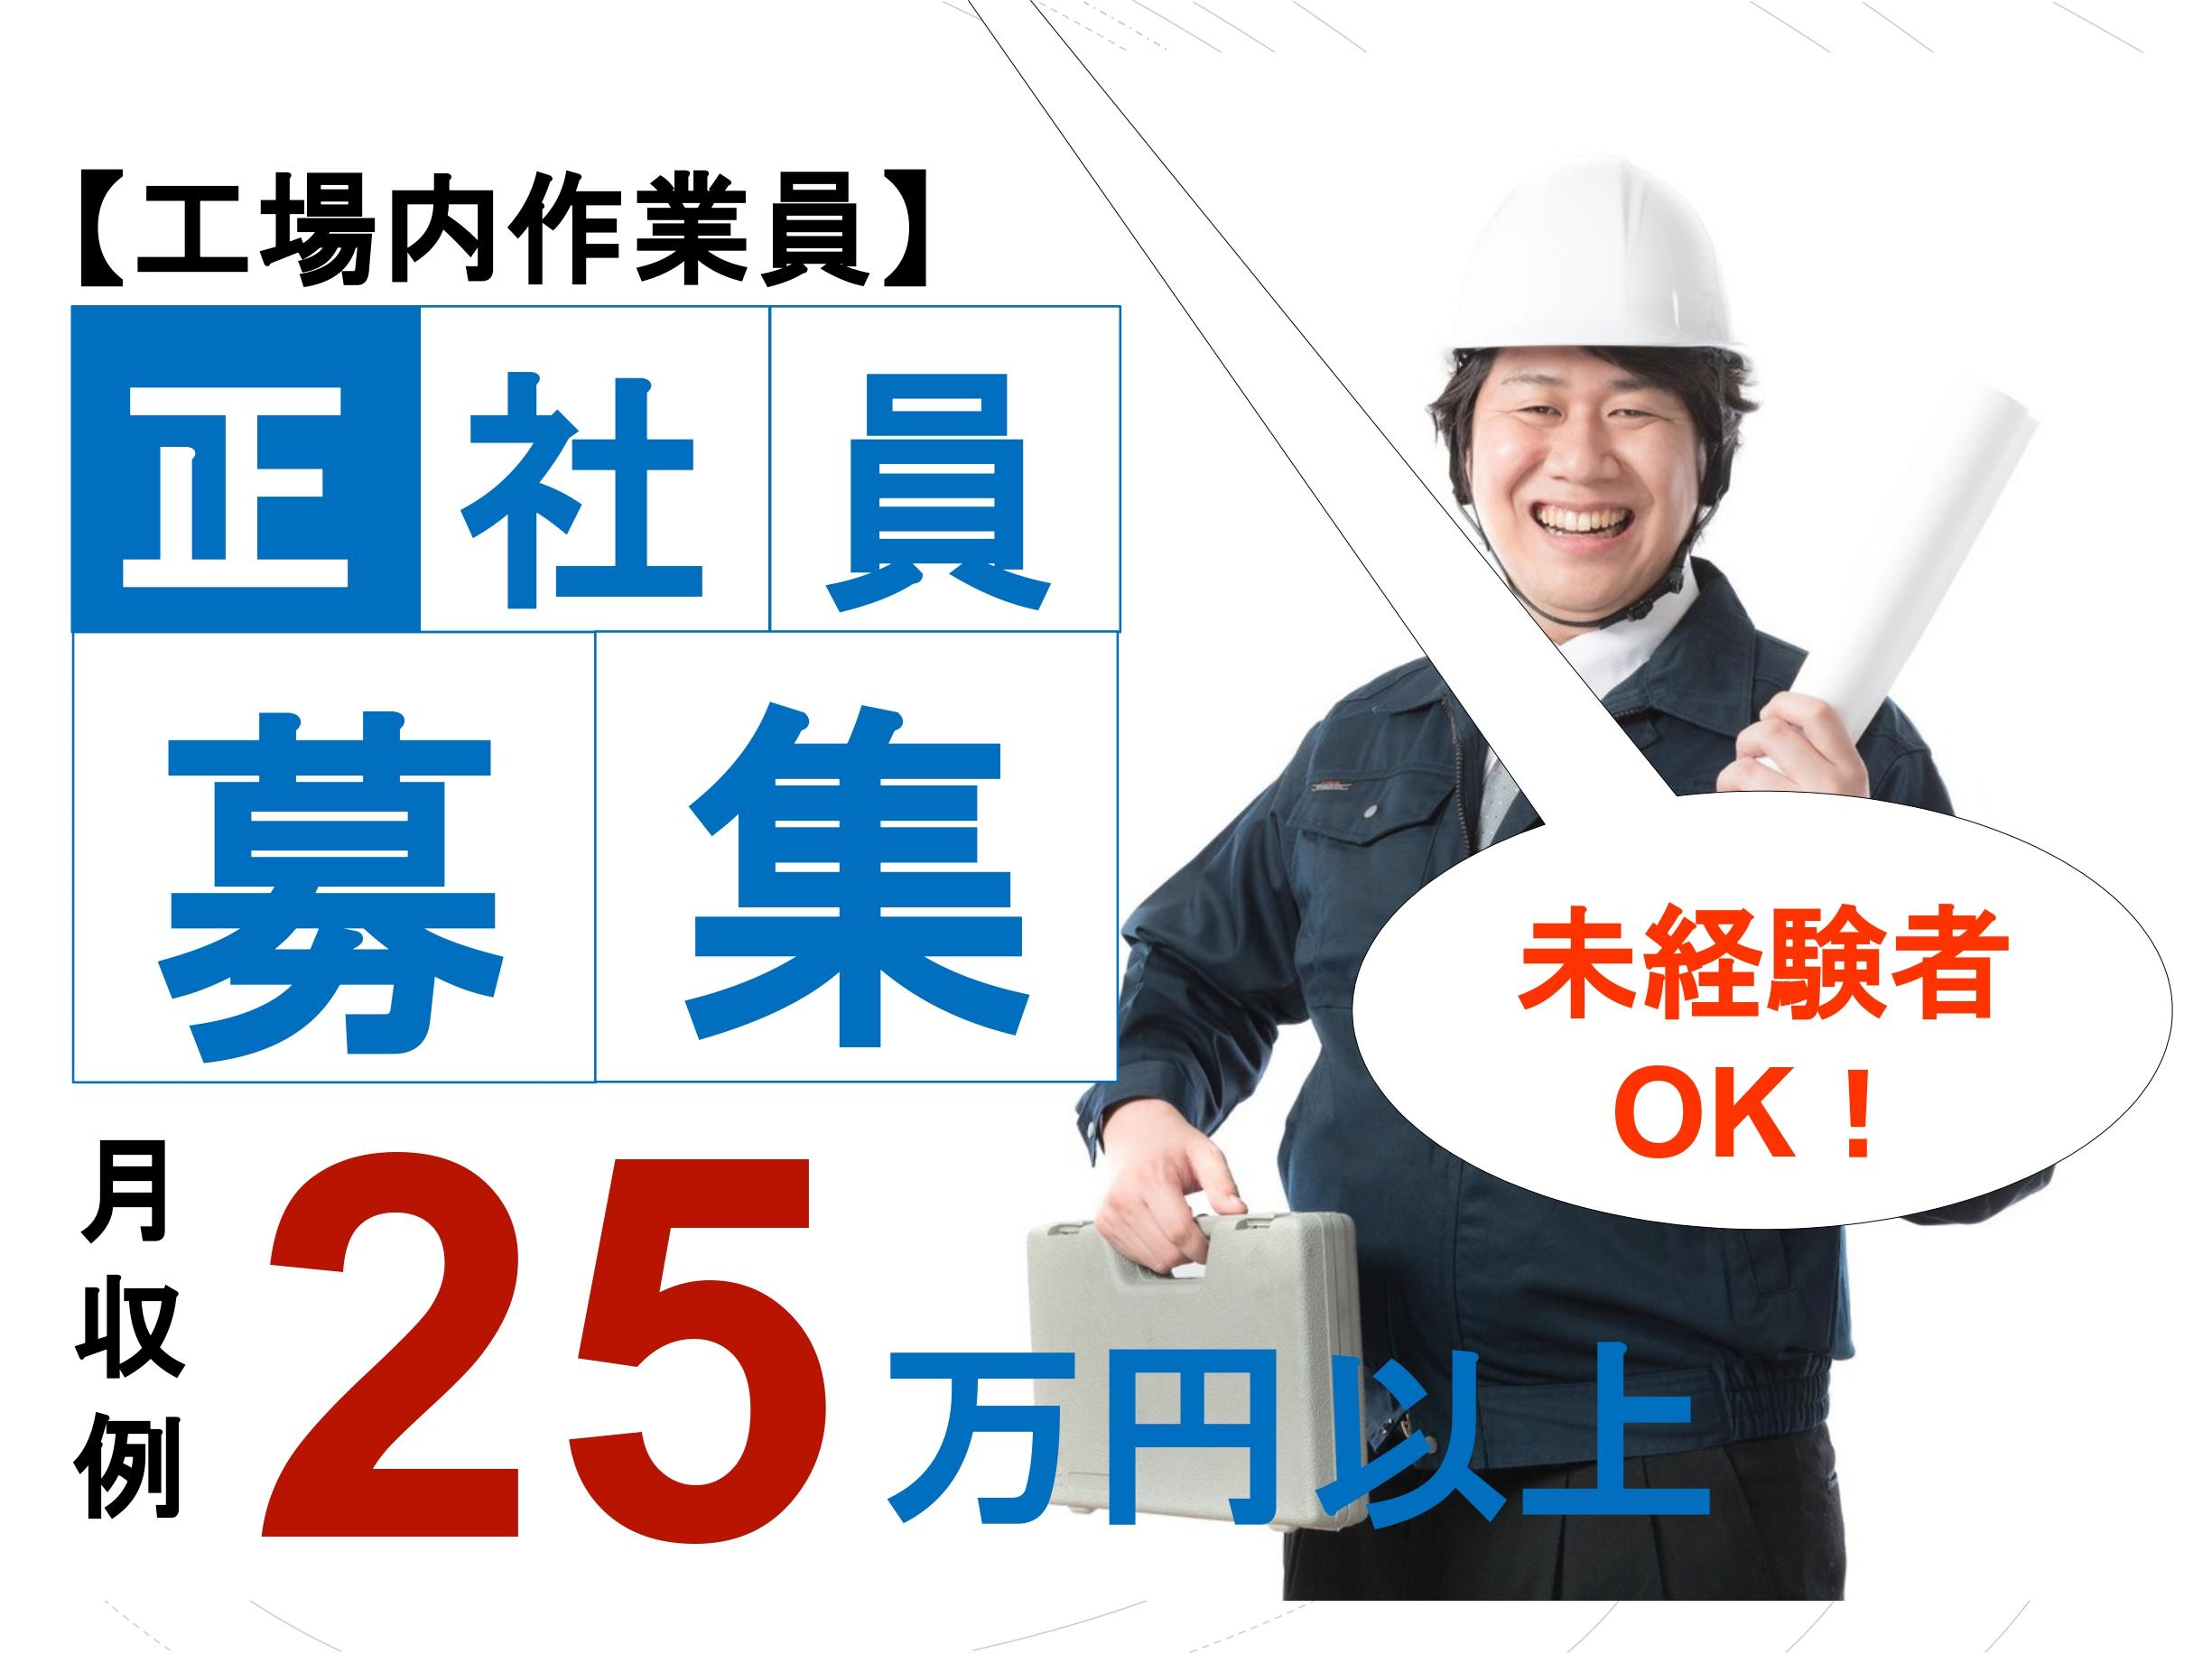 【正社員】月収25万円以上も可能!賞与あり♪未経験者歓迎★工場内作業員 イメージ